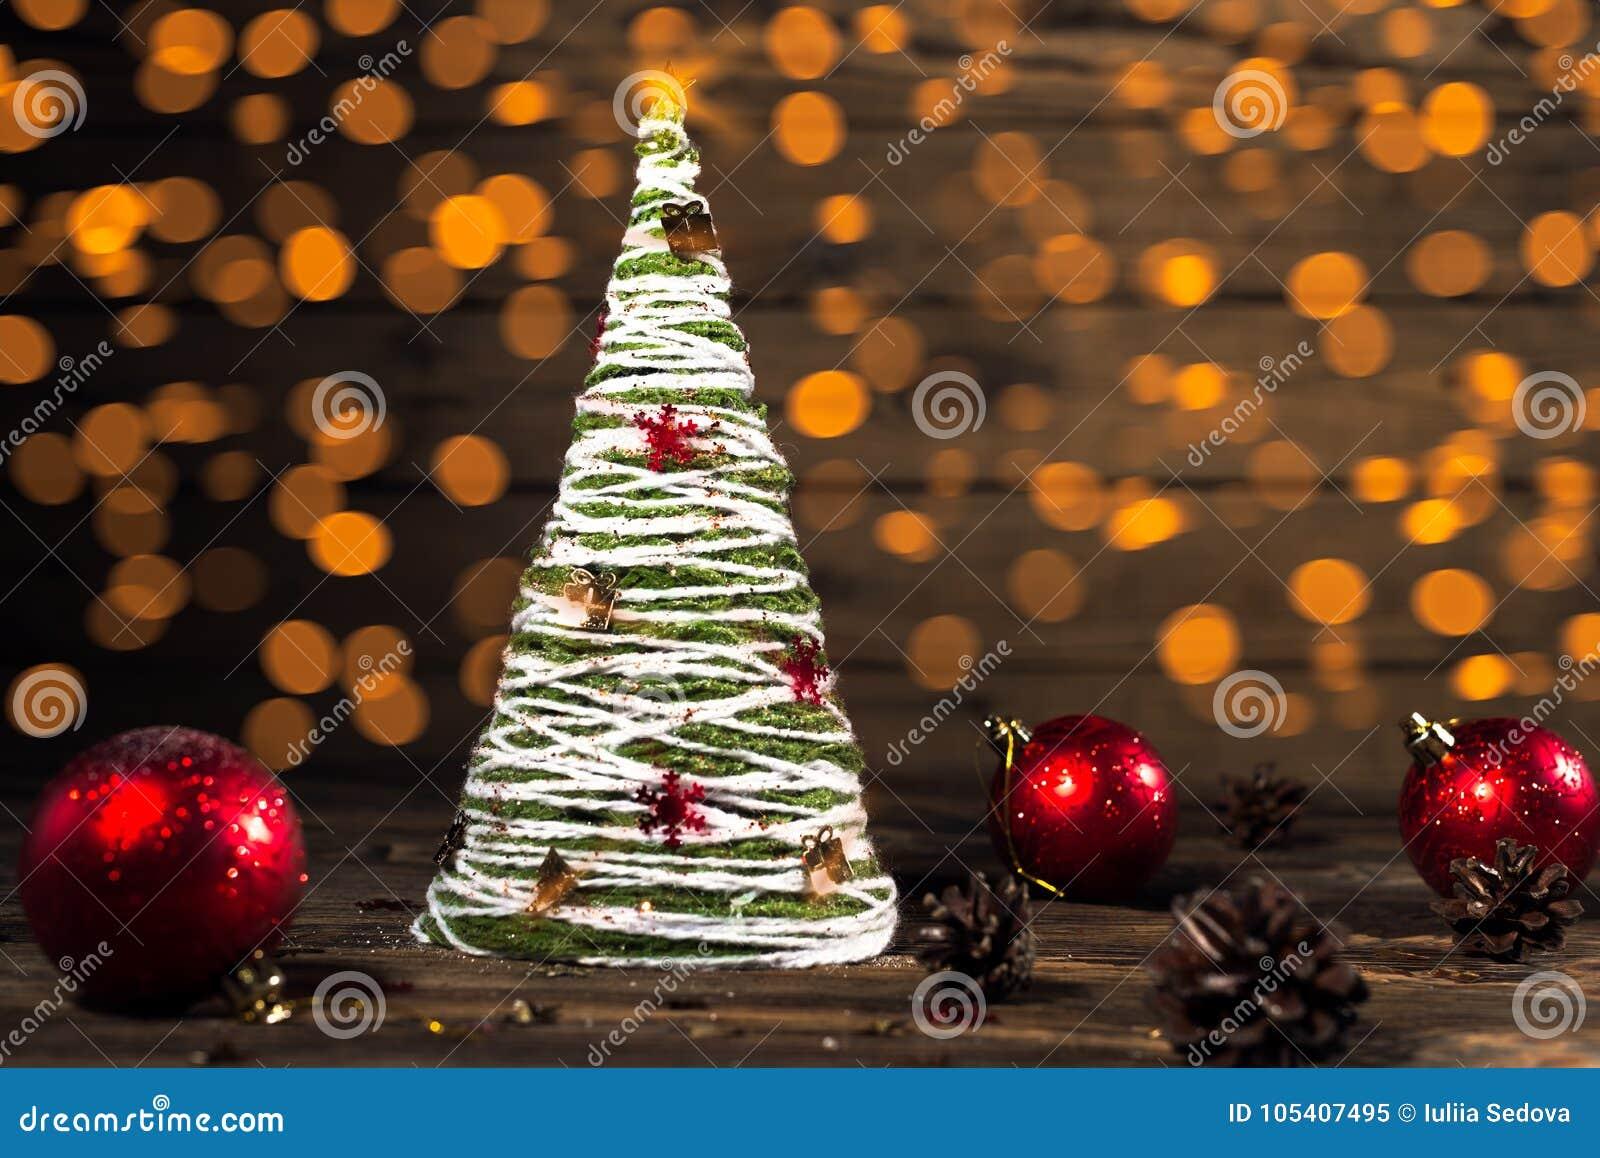 Albero di Natale fatto a mano nello stile rustico